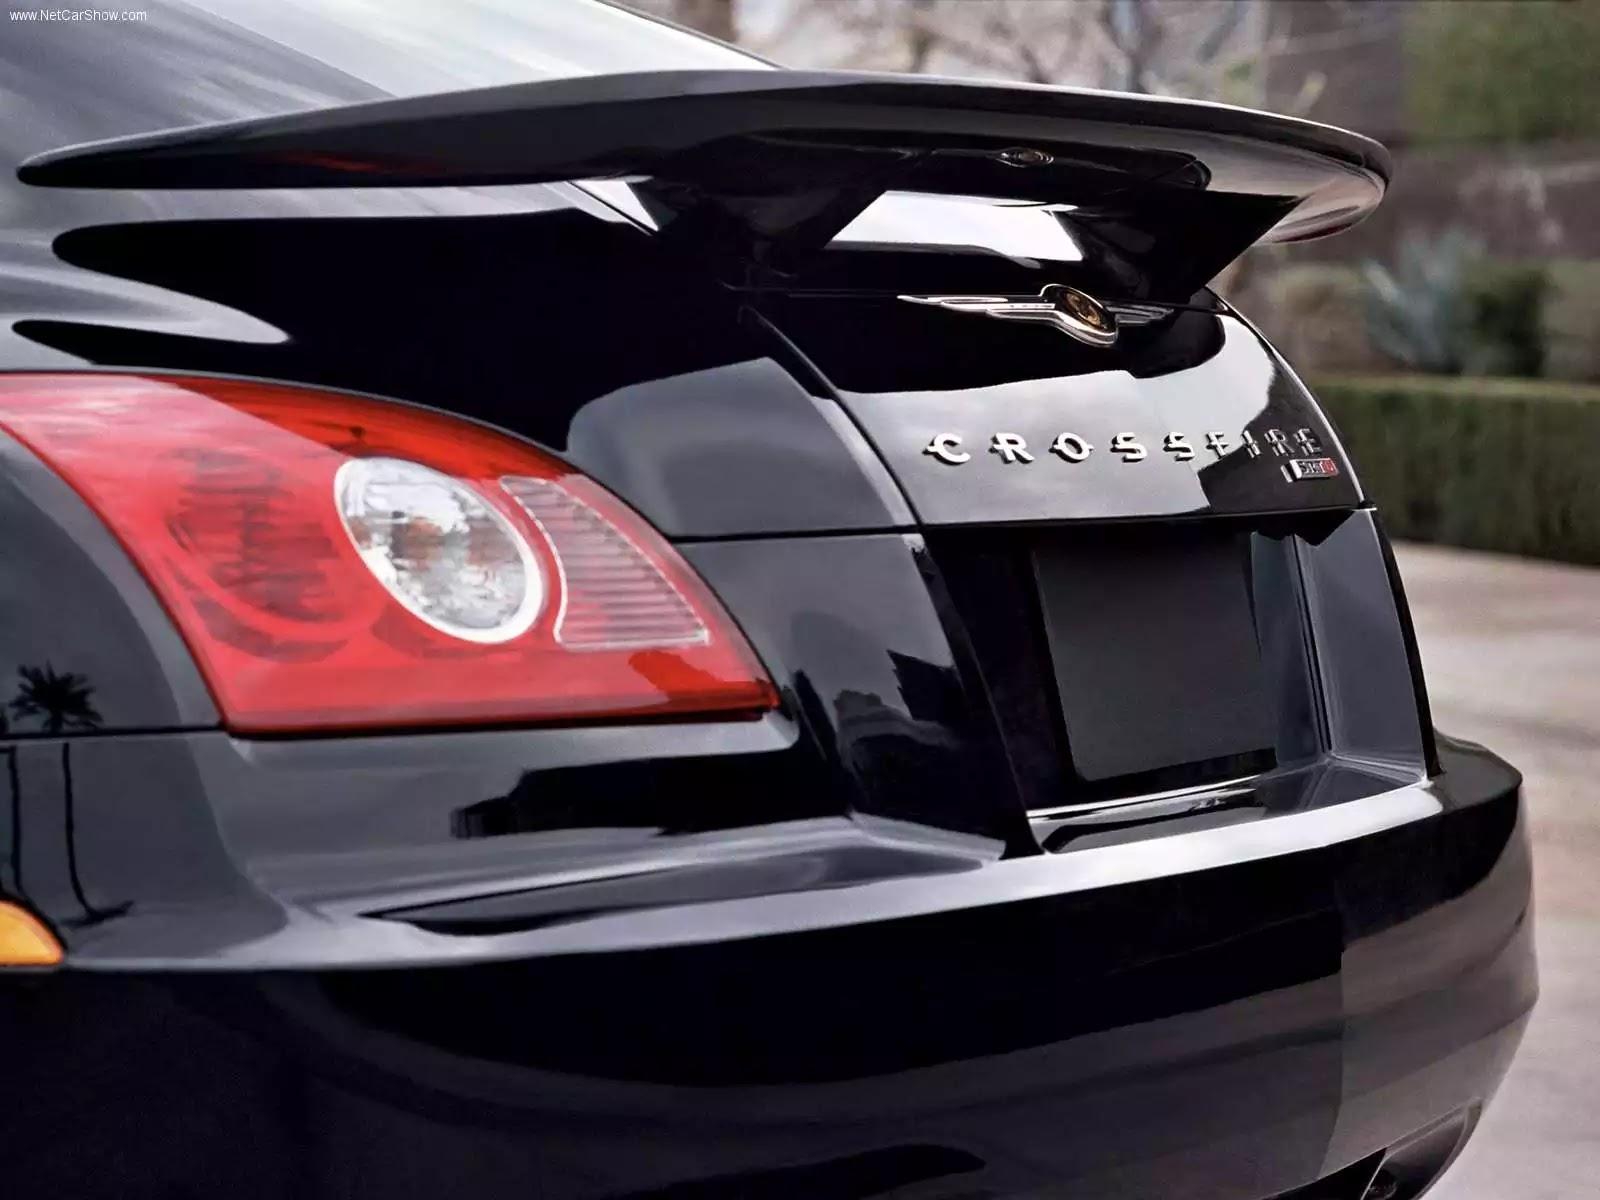 Hình ảnh xe ô tô Chrysler Crossfire SRT6 2005 & nội ngoại thất